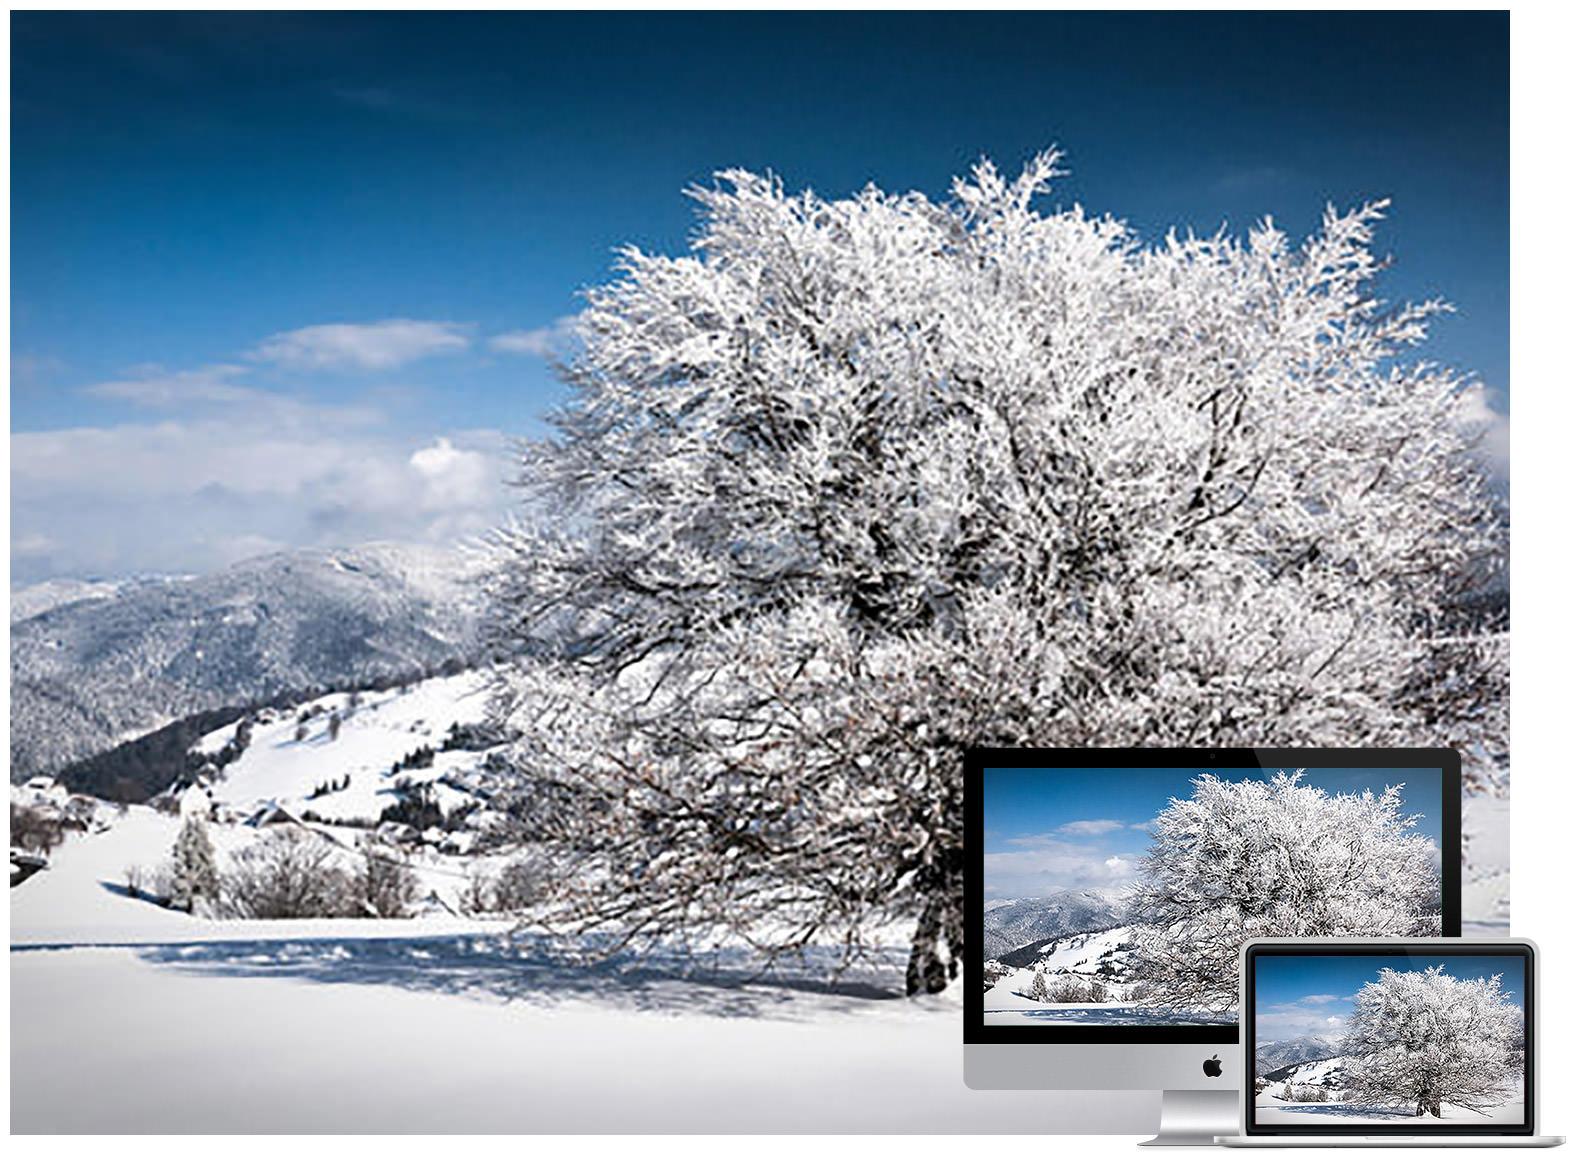 winter day - Bộ ảnh nền mùa Đông đẹp dành cho máy tính